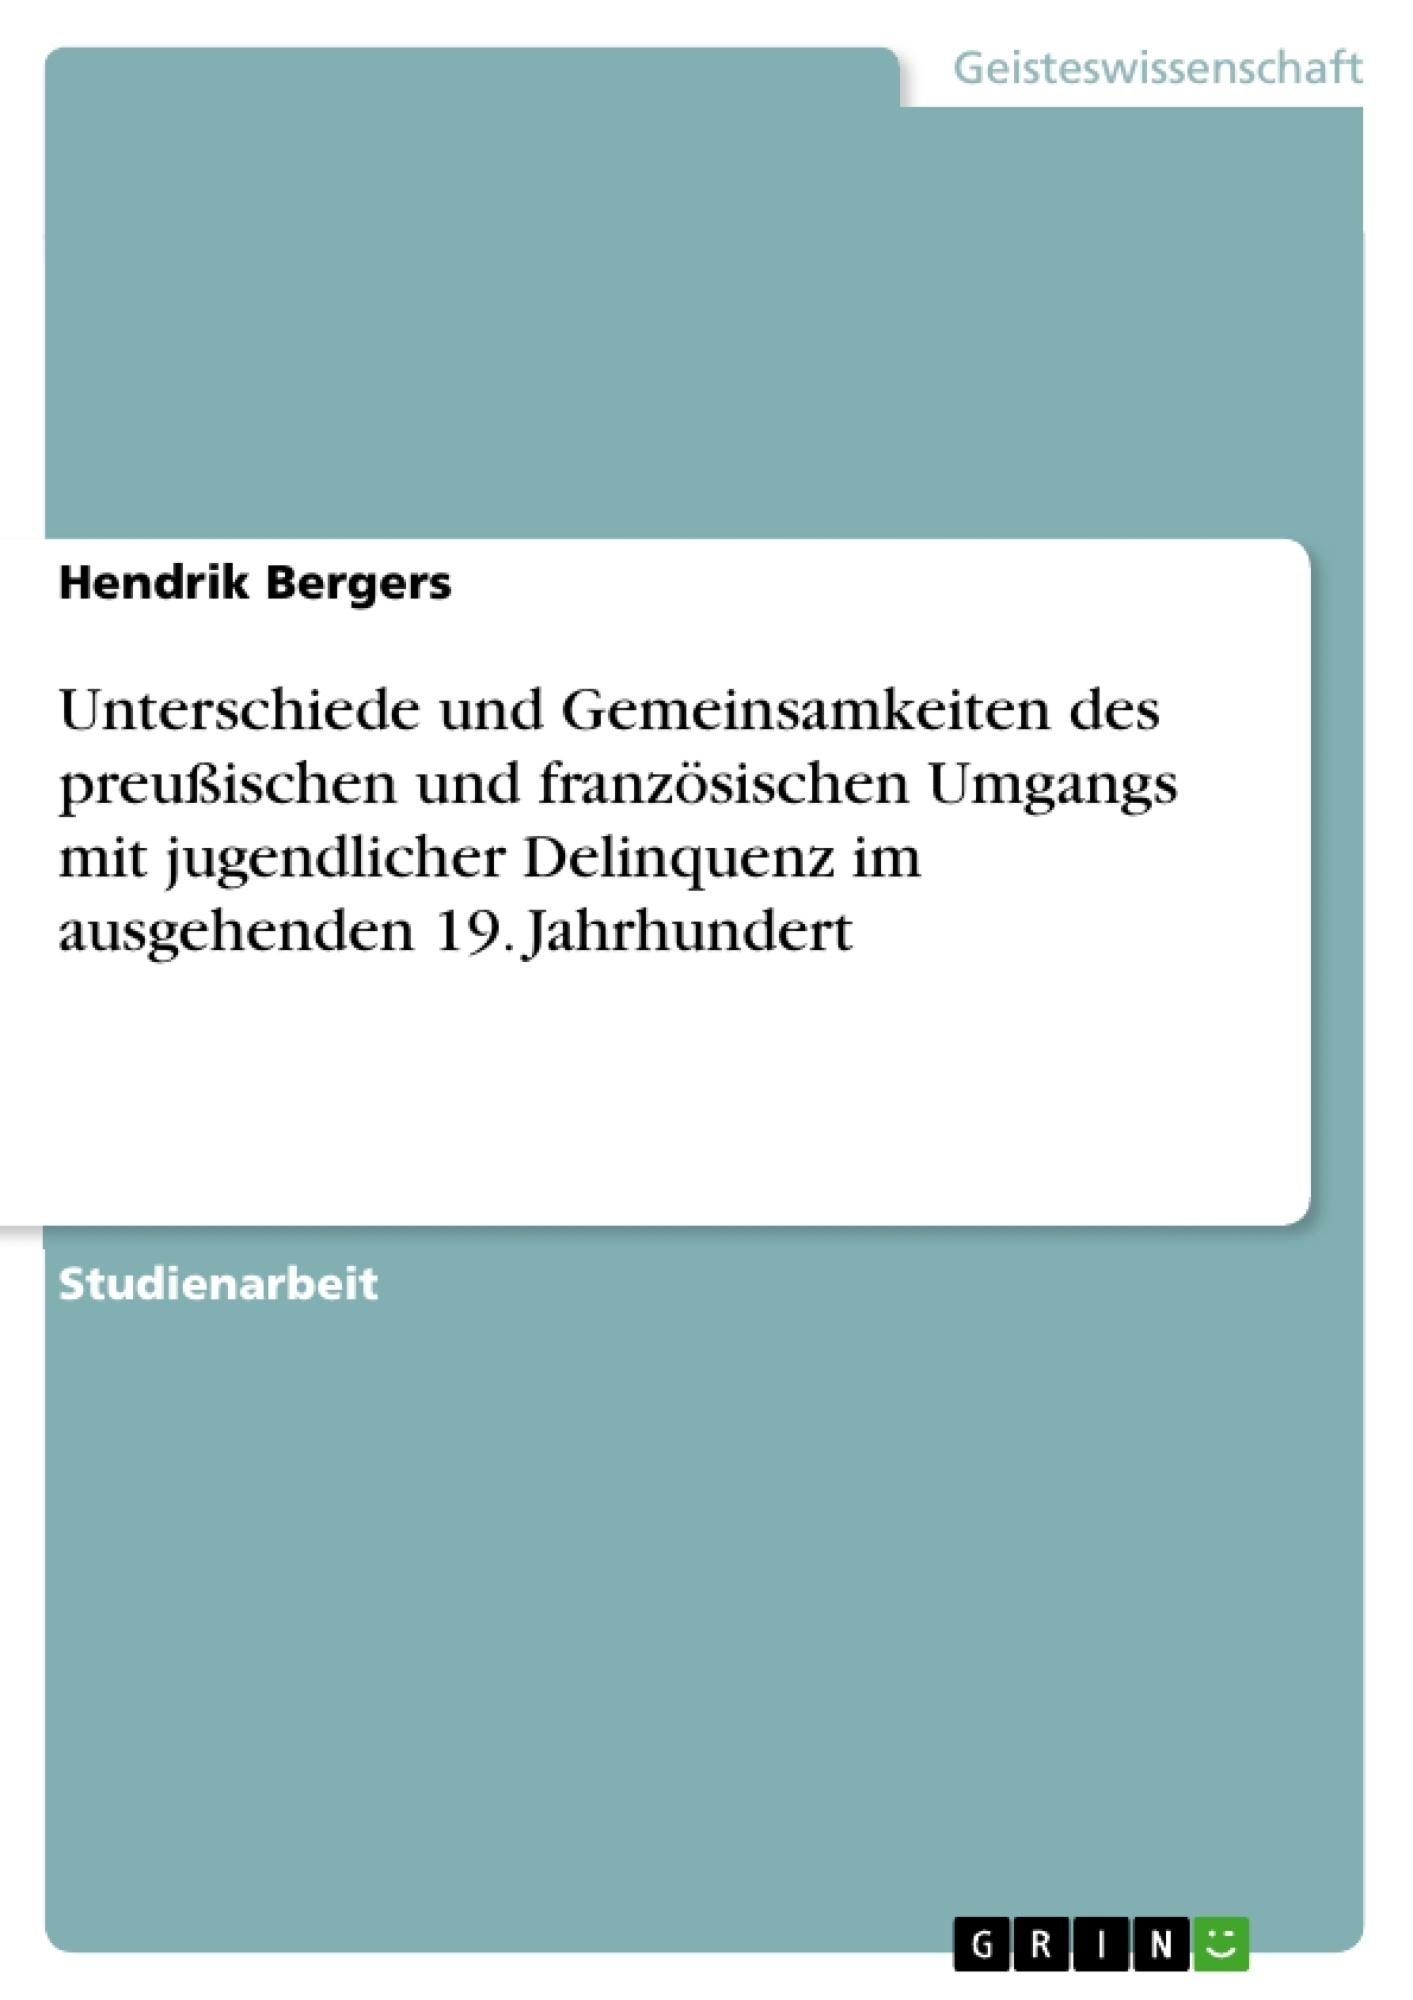 Titel: Unterschiede und Gemeinsamkeiten des preußischen und französischen Umgangs mit jugendlicher Delinquenz im ausgehenden 19. Jahrhundert